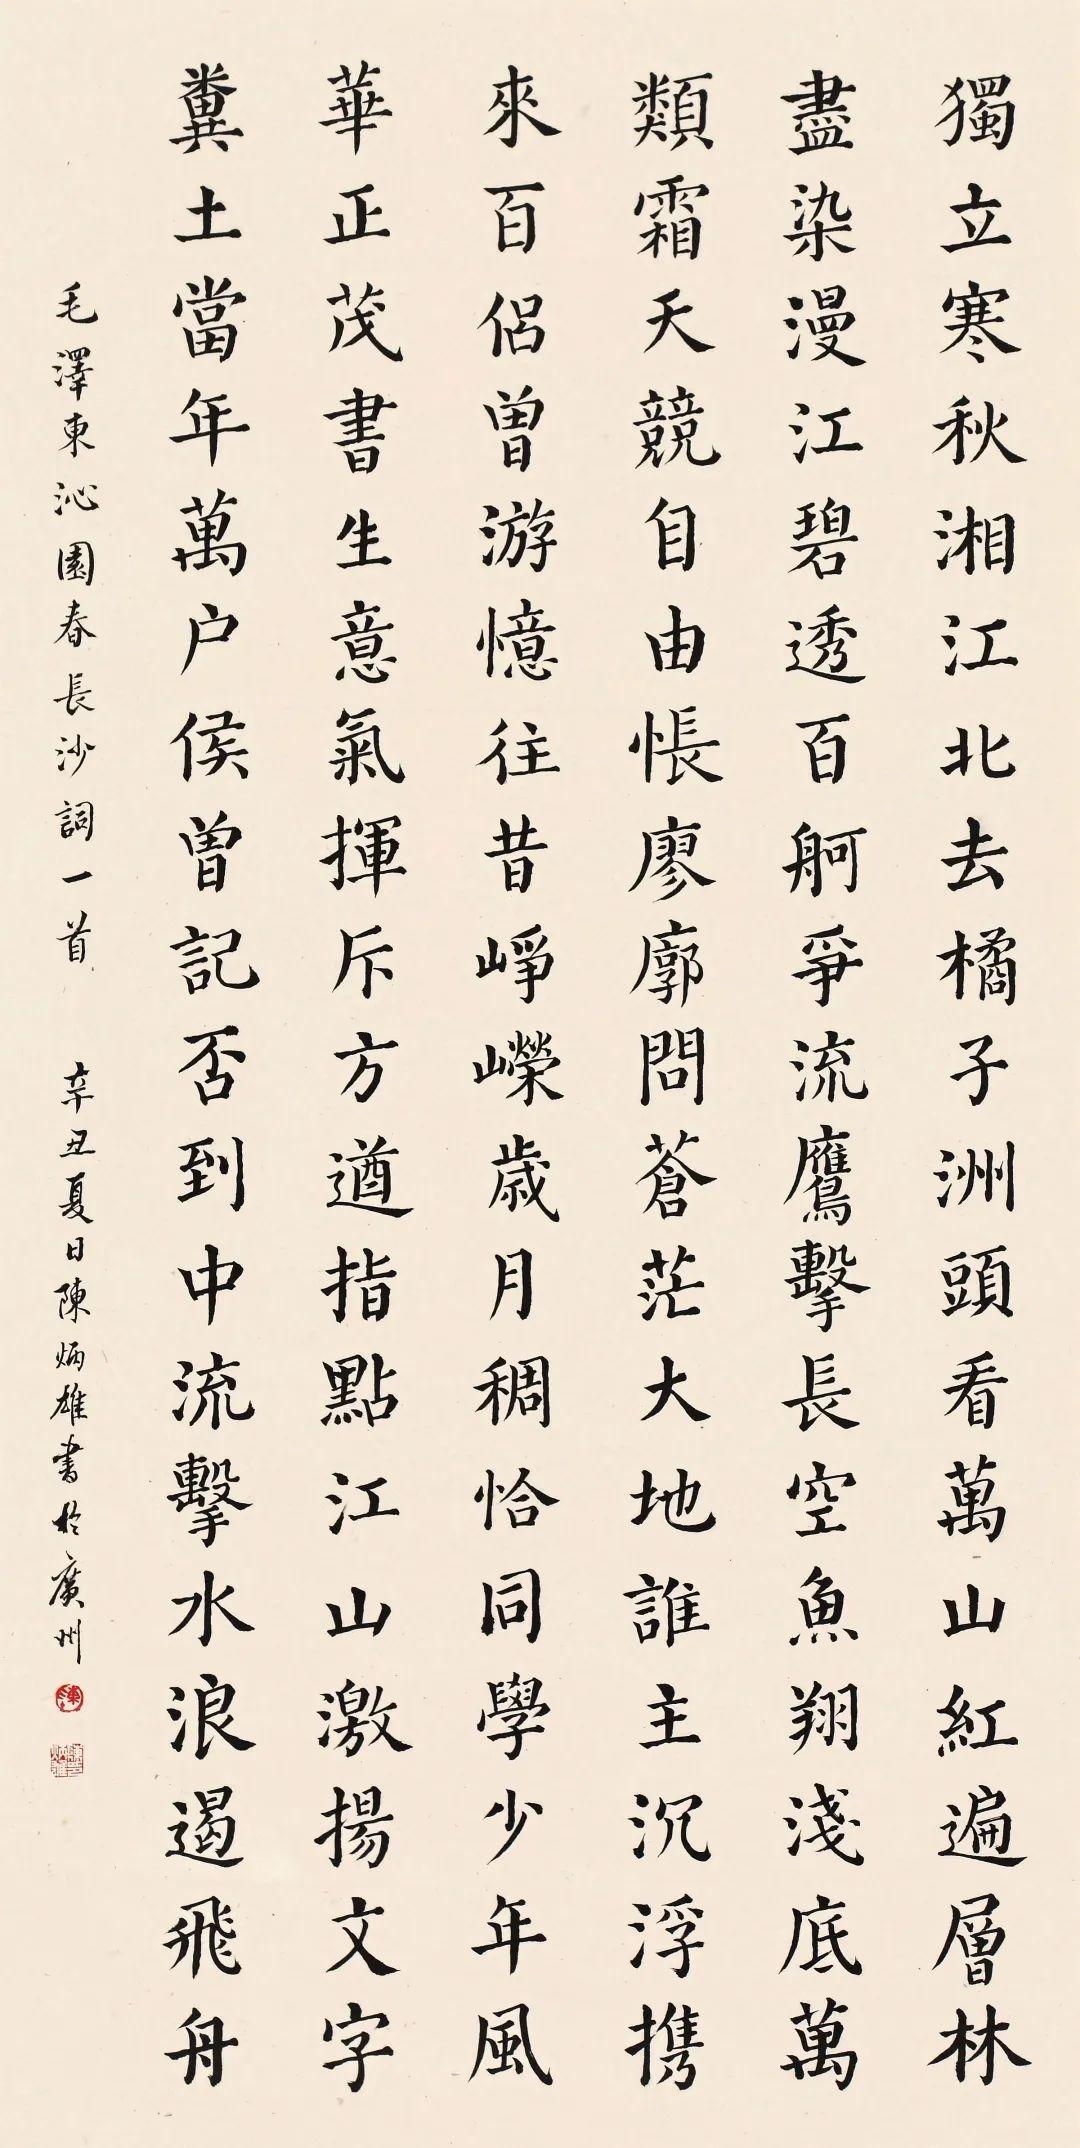 广州市书法家协会会员、广州市美术家协会会员、广州市美术家协会老画家艺委会会员陈炳雄